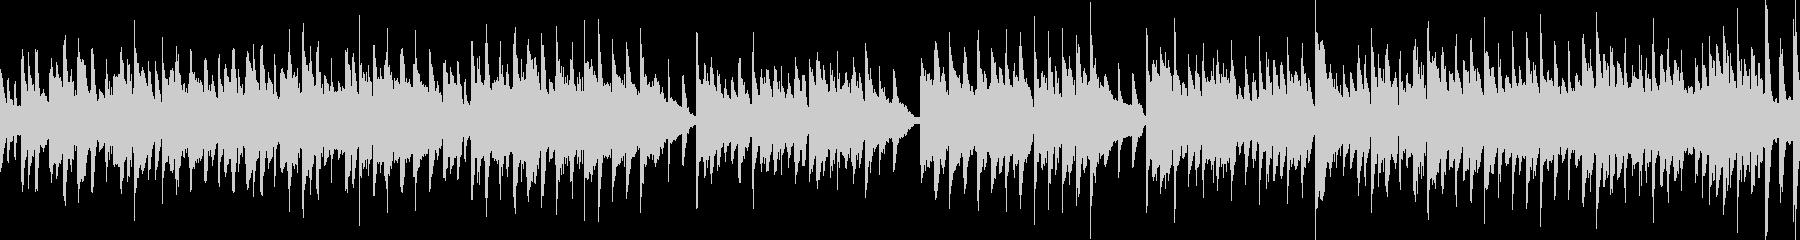 Cartoon ピアノ 角 バンジ...の未再生の波形